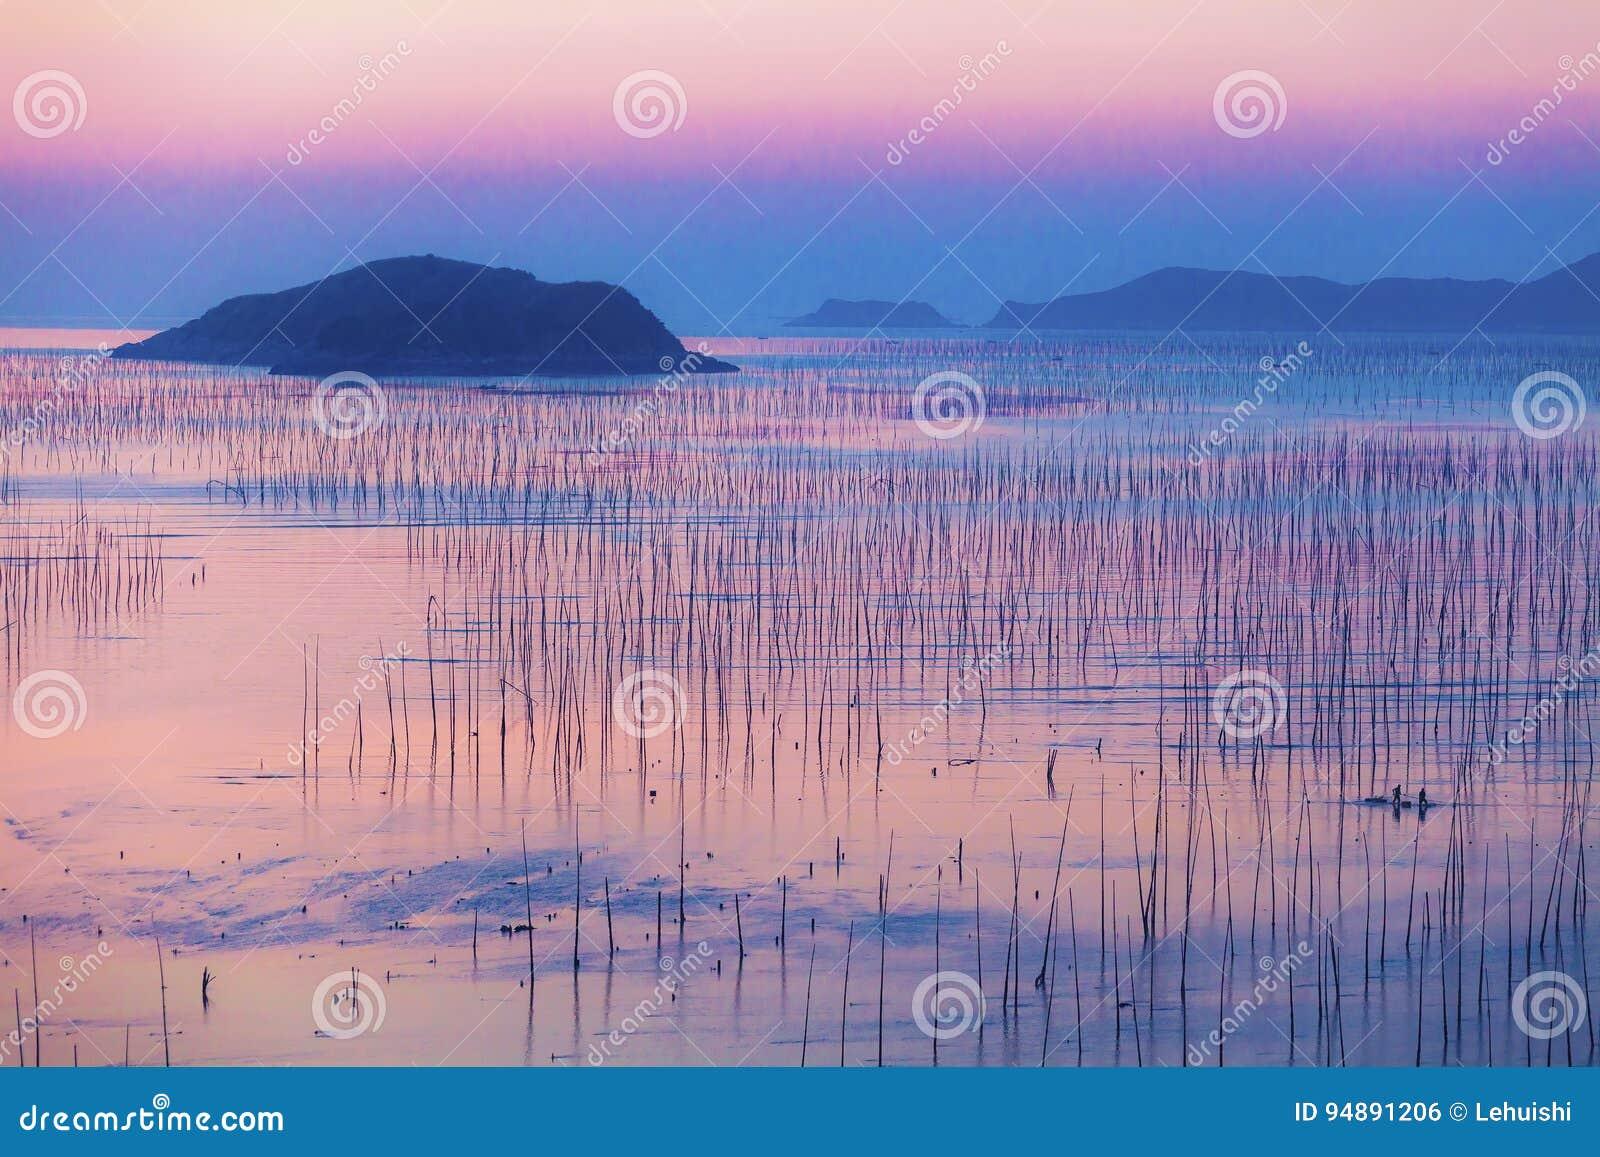 Pêcheurs et île au bord de la mer au lever de soleil